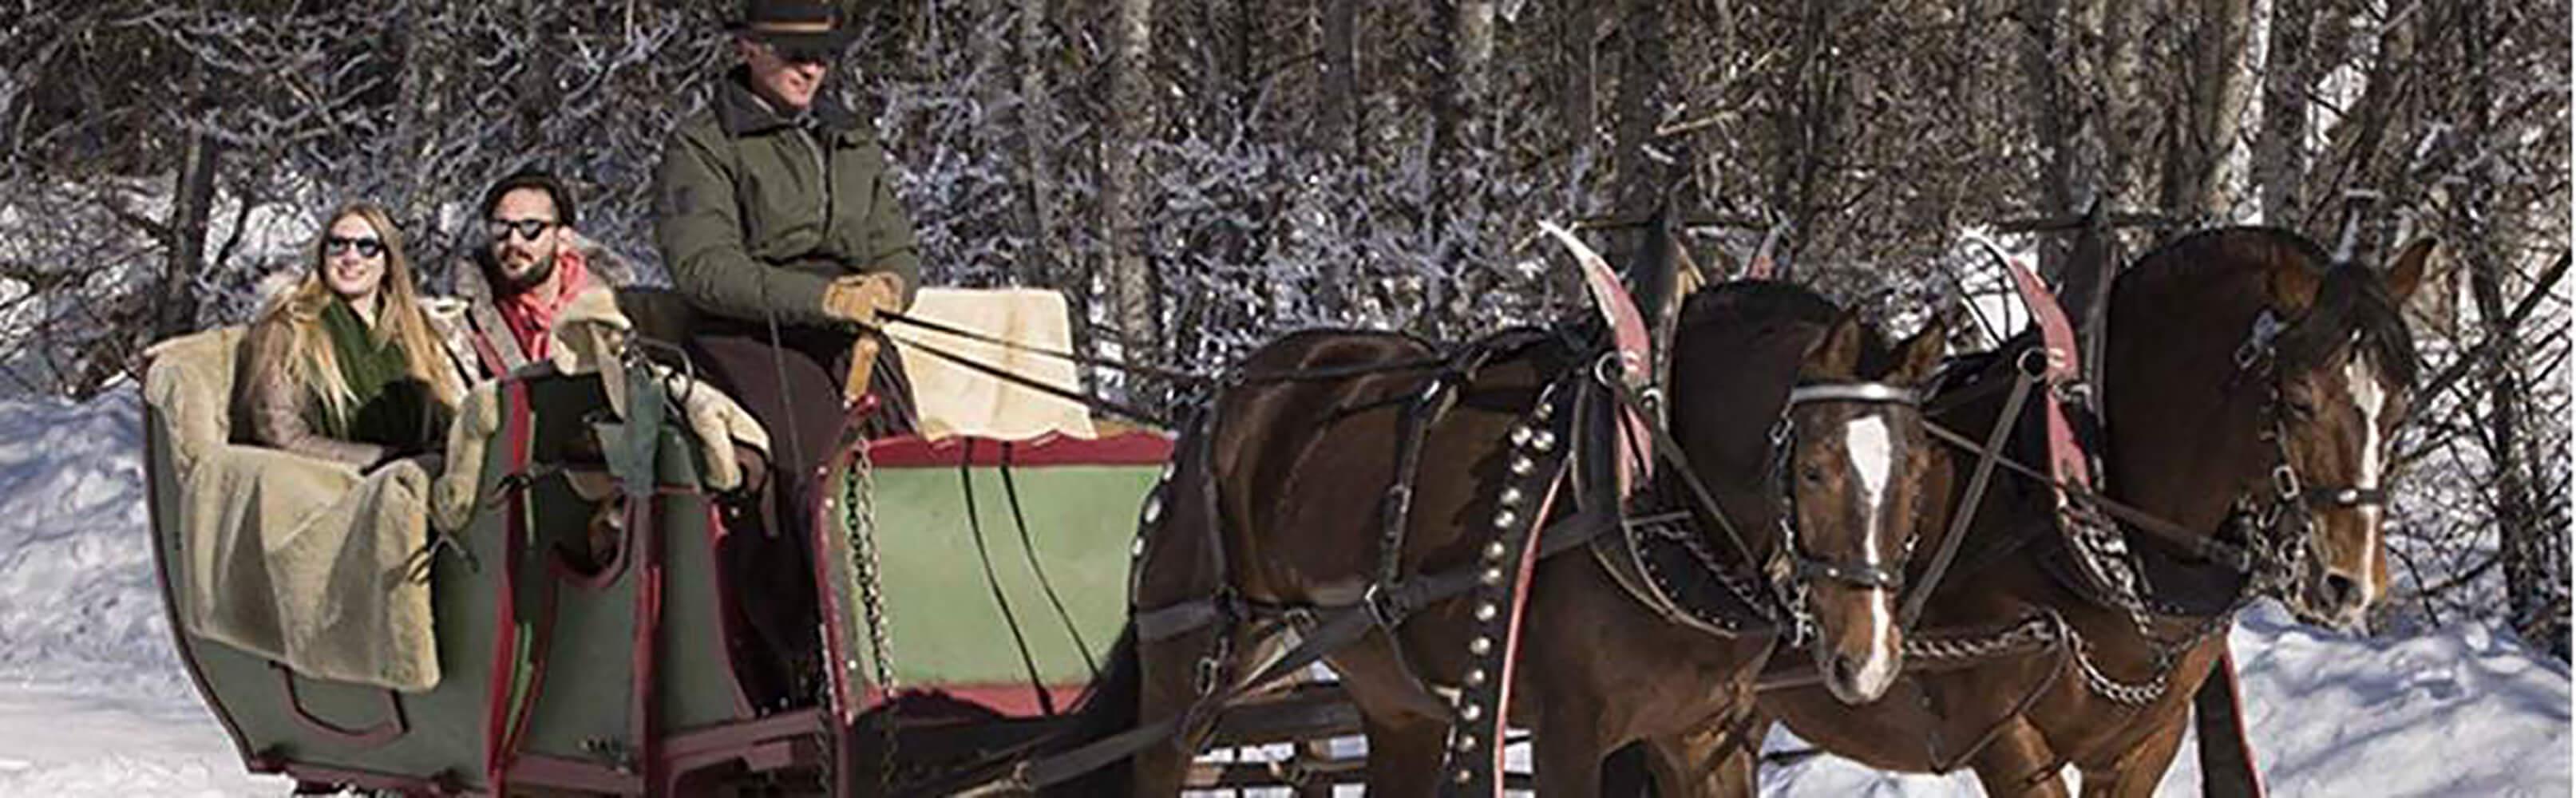 Pferdeschlittenfahrt zum Lauenensee 1